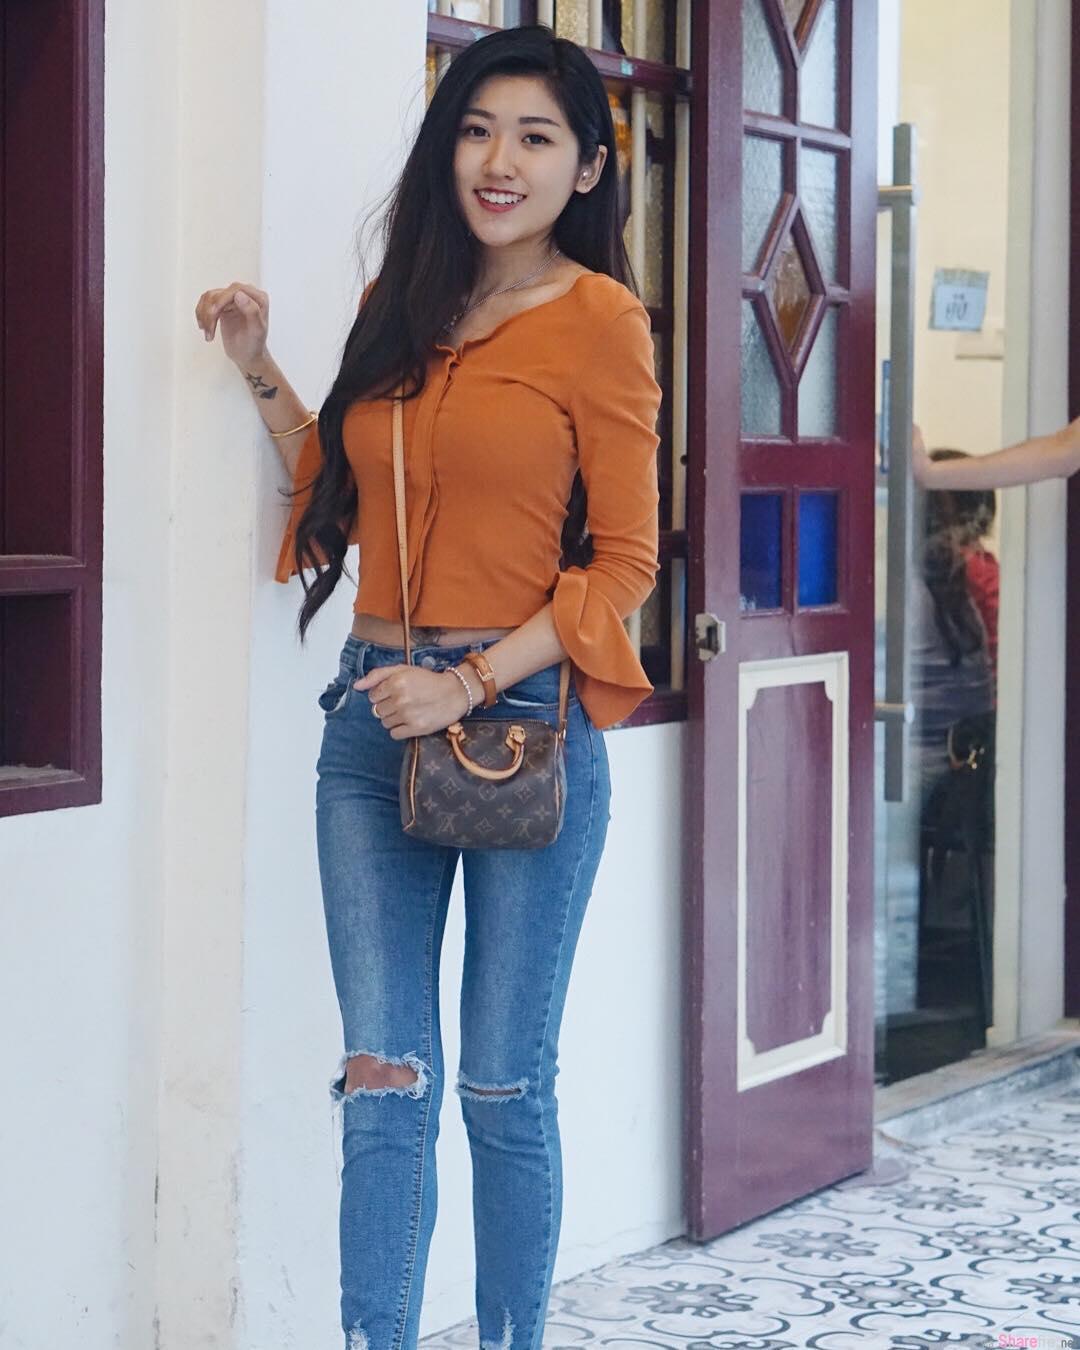 大马槟城正妹Michelle长髮飘逸气质好迷人